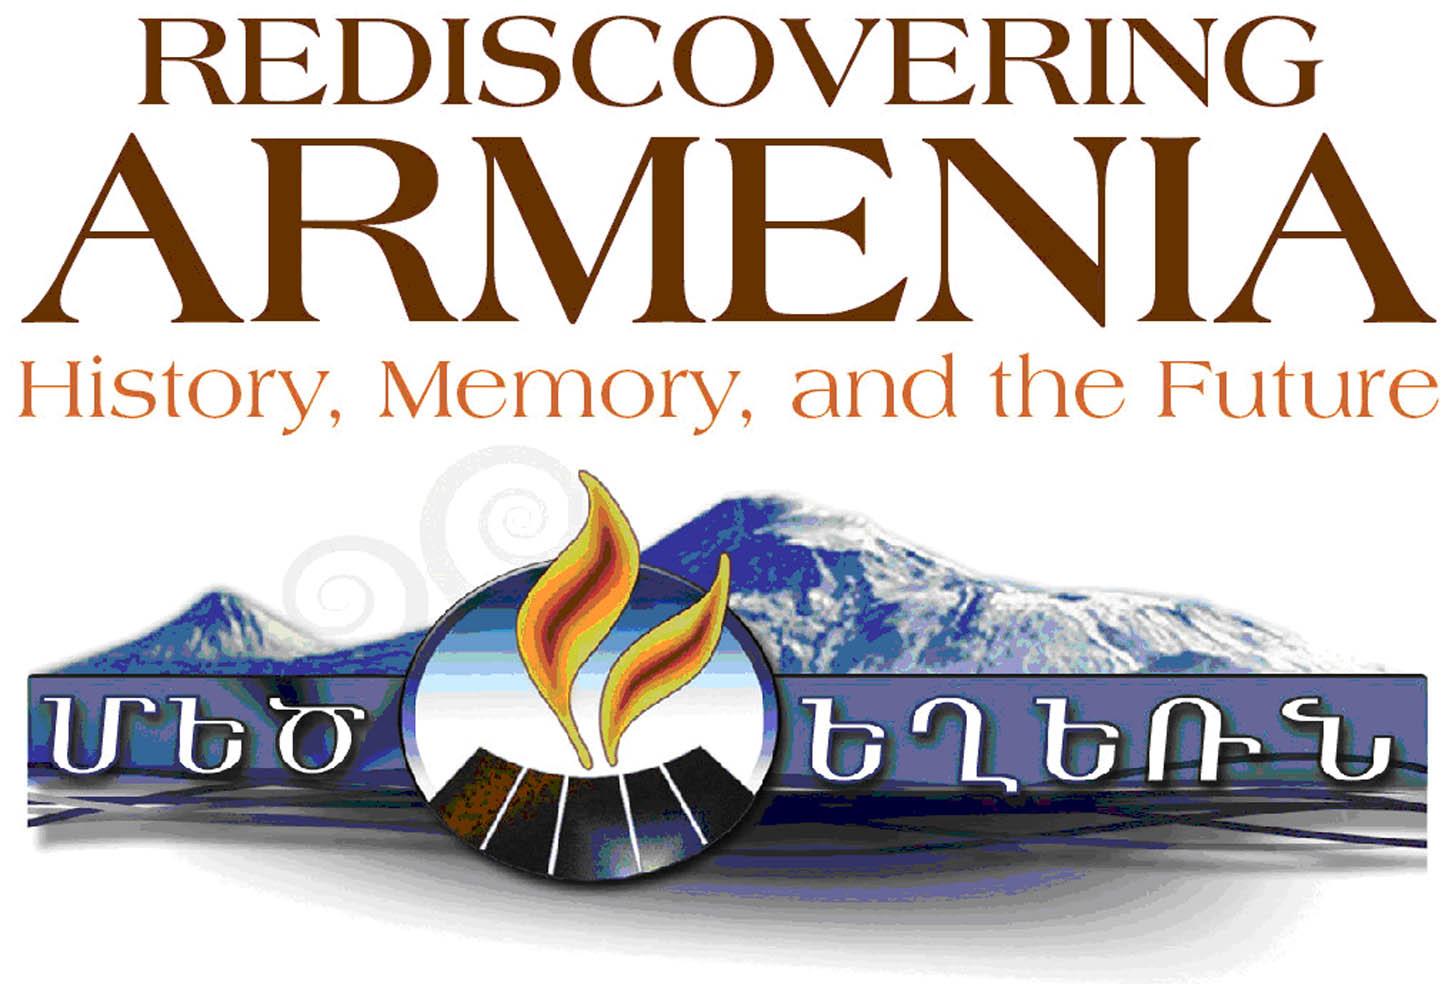 rediscoveringarmenia